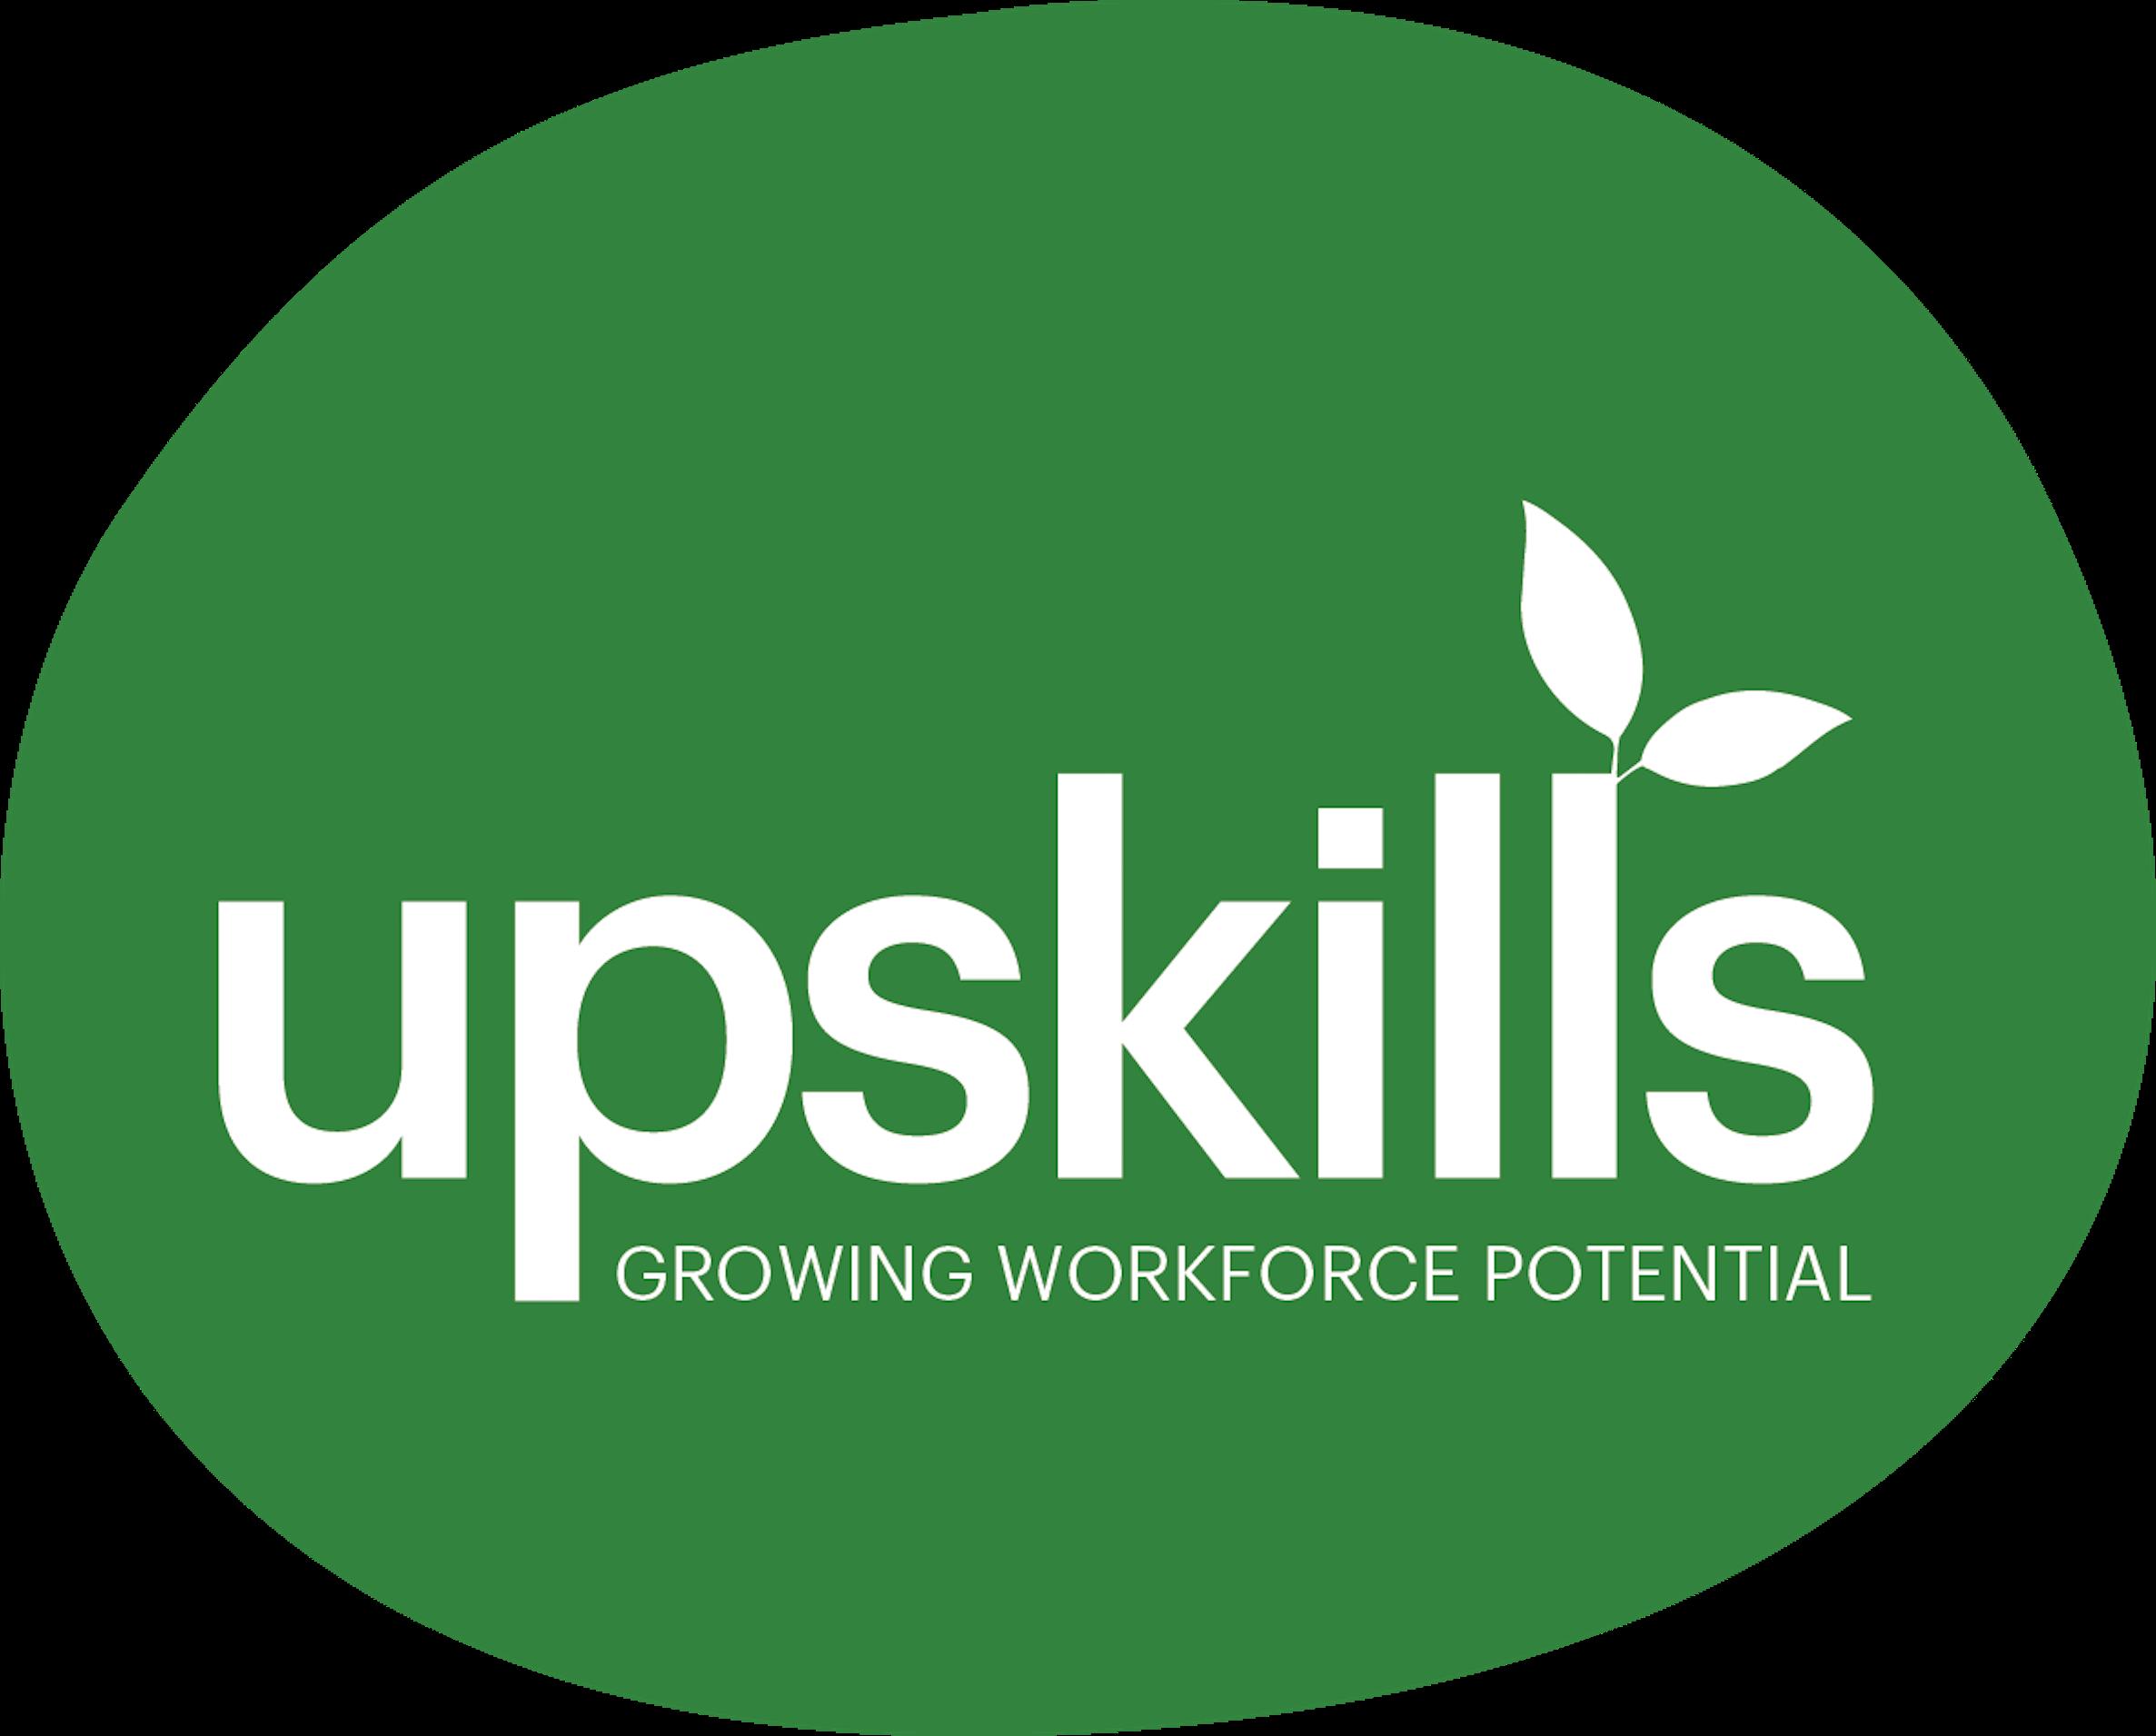 upskills.co.nz